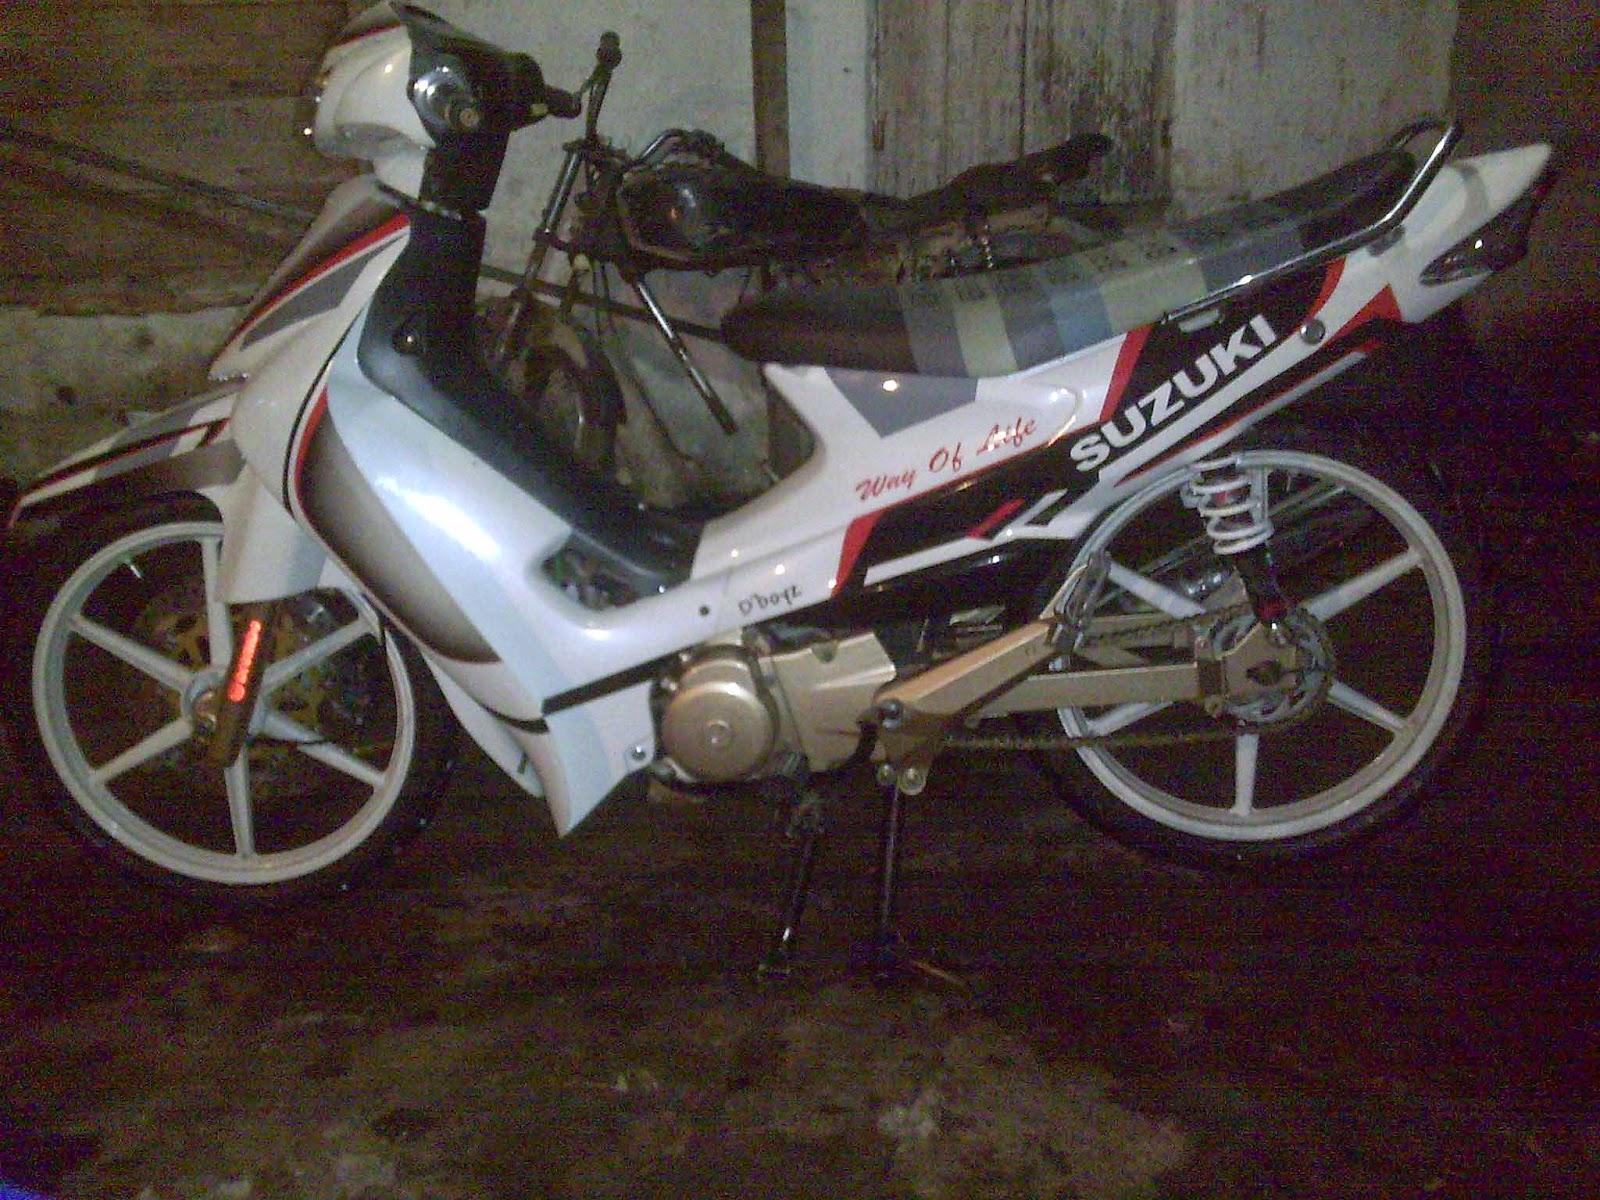 Koleksi Modifikasi Motor Suzuki Smash Terkeren